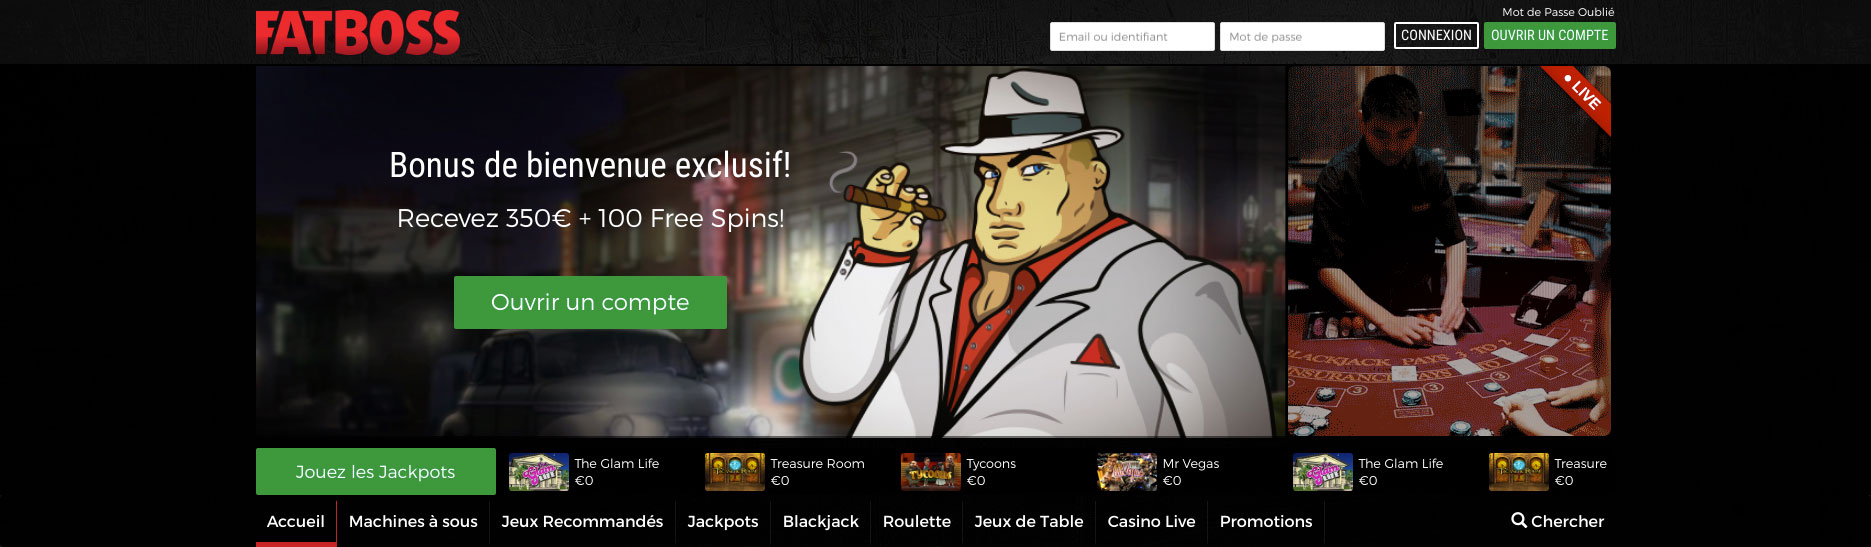 Bonus Fatboss Casino : tout sur les offres et promotions du casino !